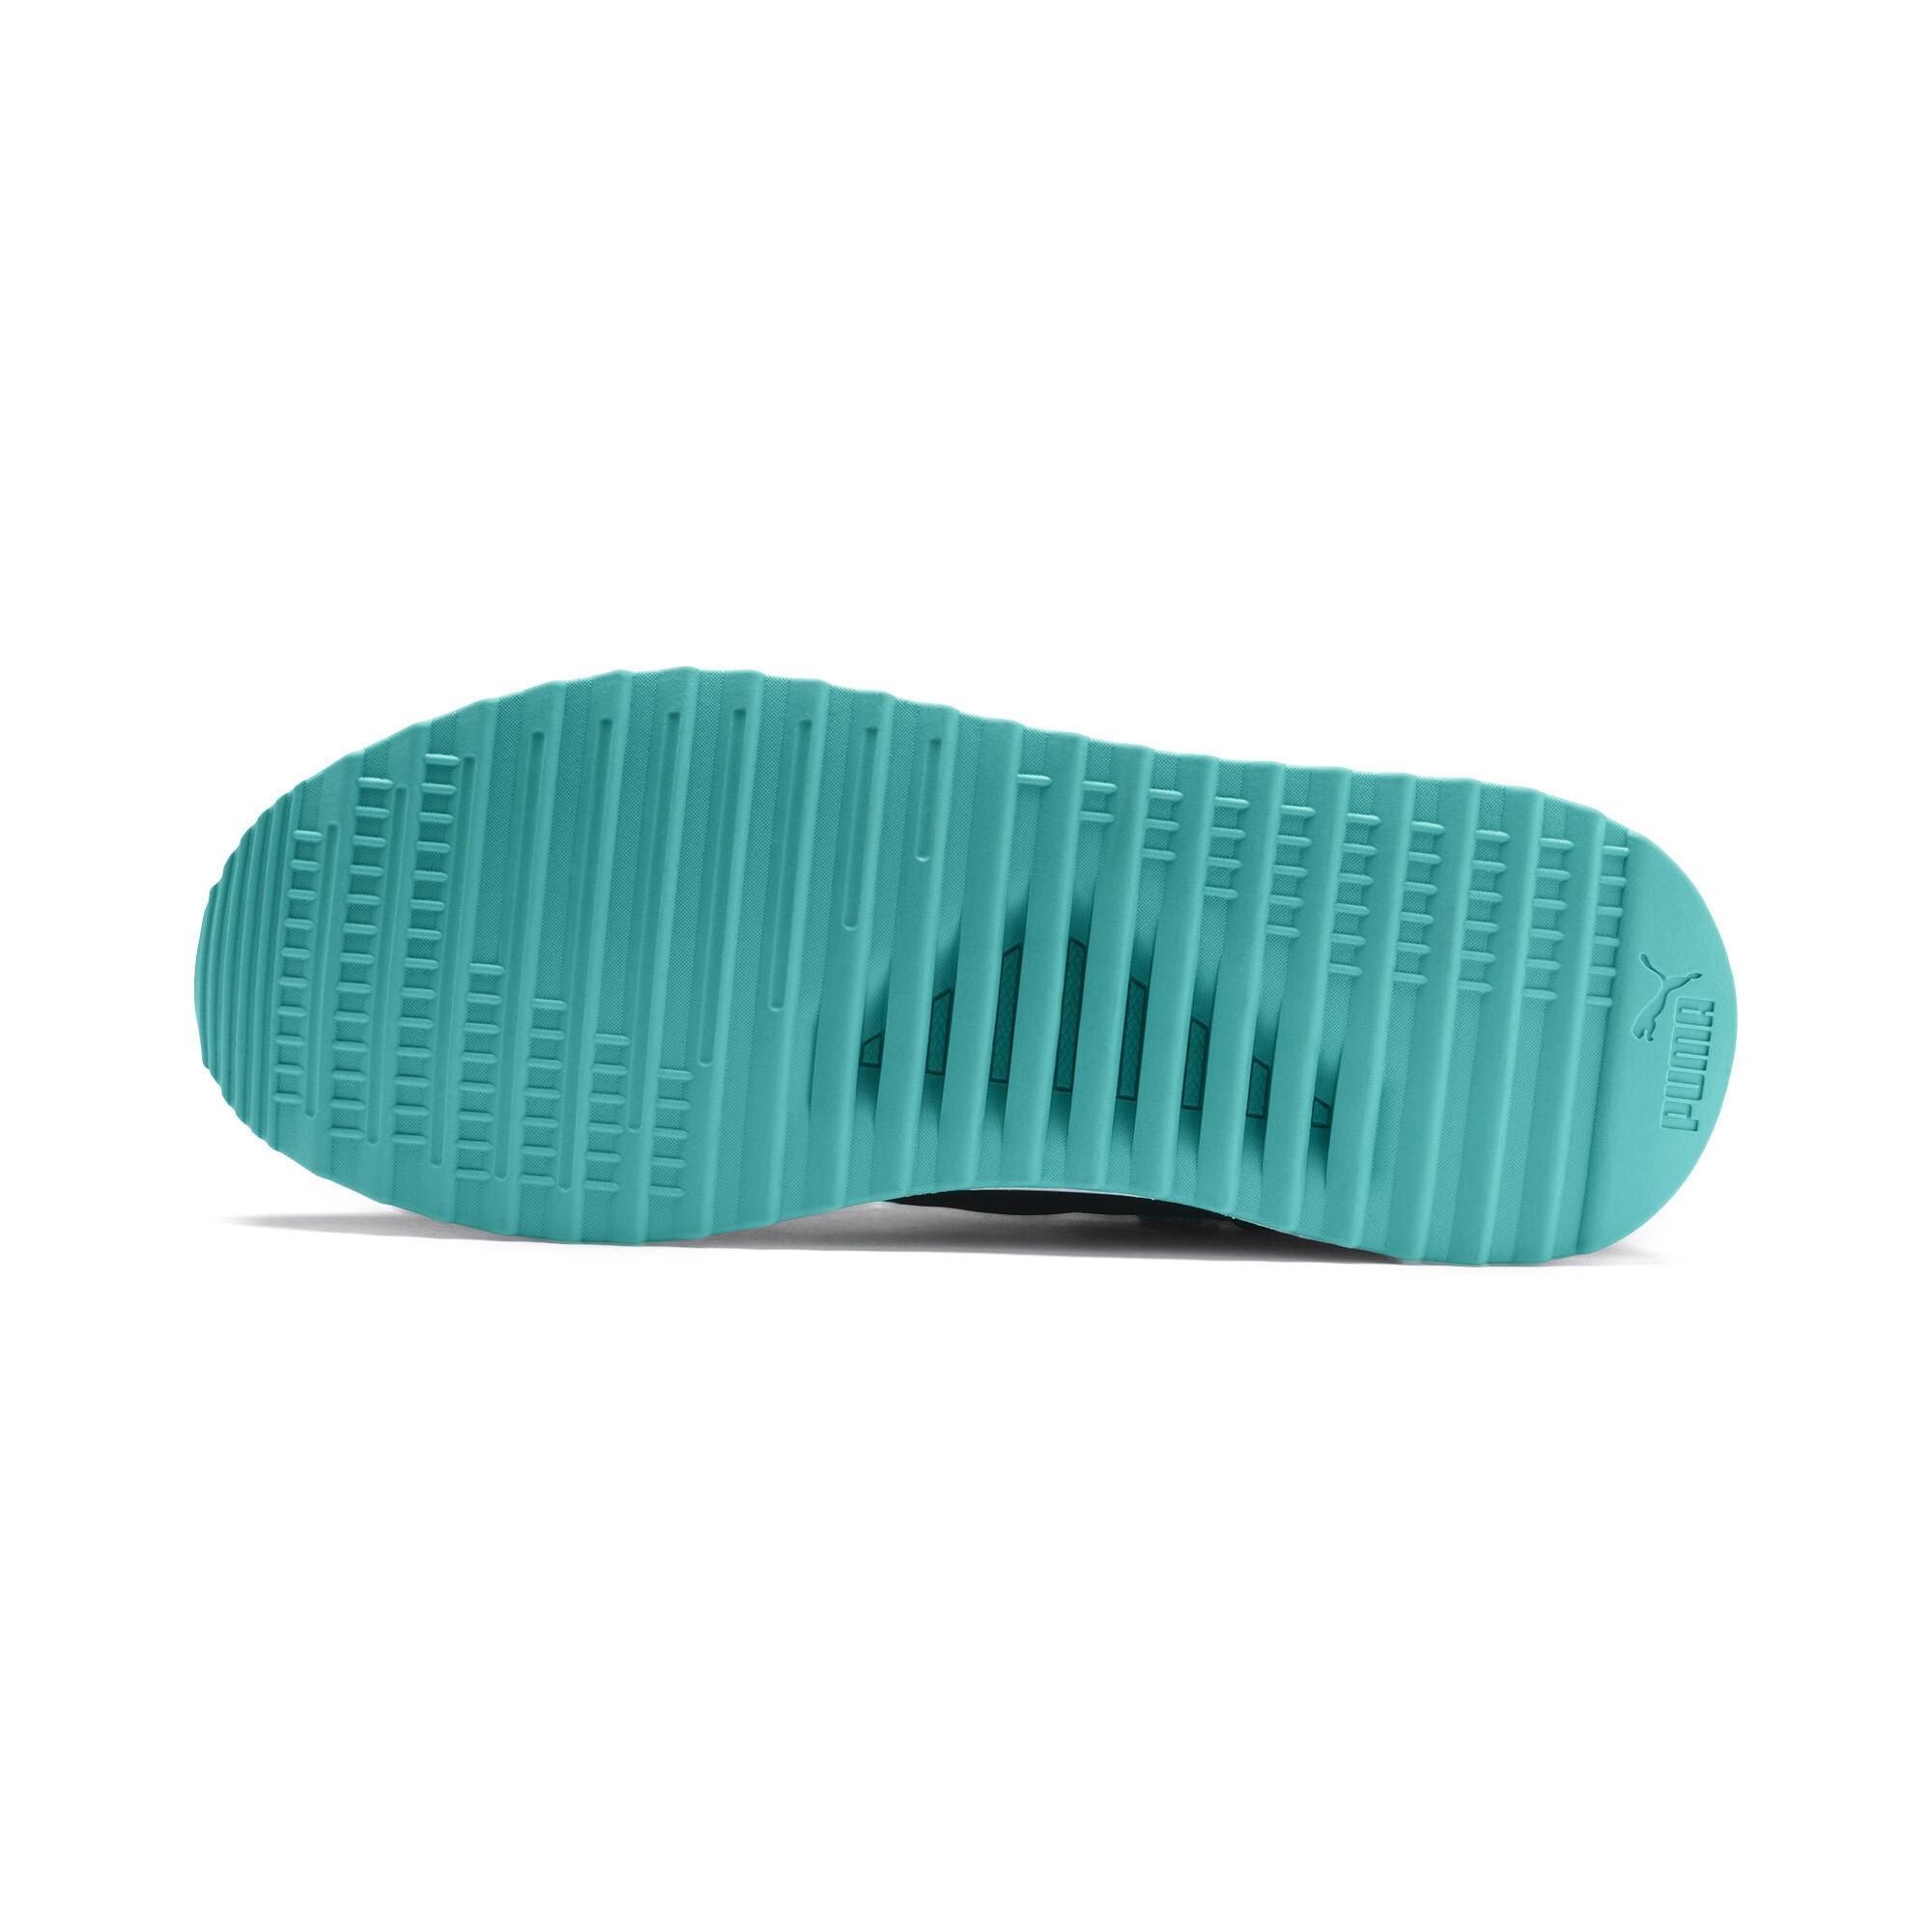 PUMA-Pacer-Next-Excel-Core-Men-039-s-Sneakers-Men-Shoe-Basics thumbnail 6